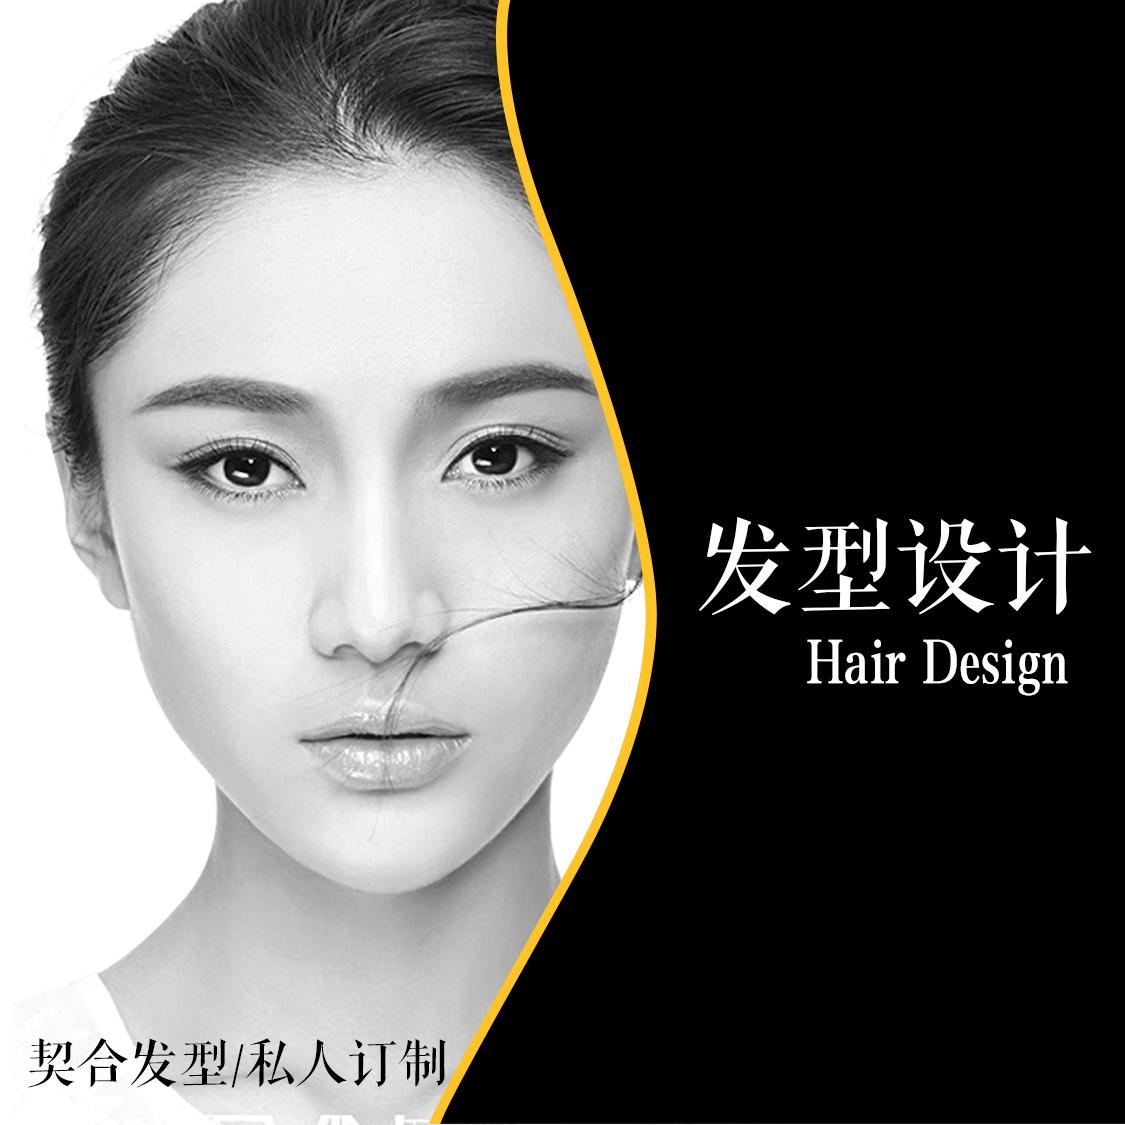 女生女士发型设计服务男生男士女内扣发型短发头发充值造型智商